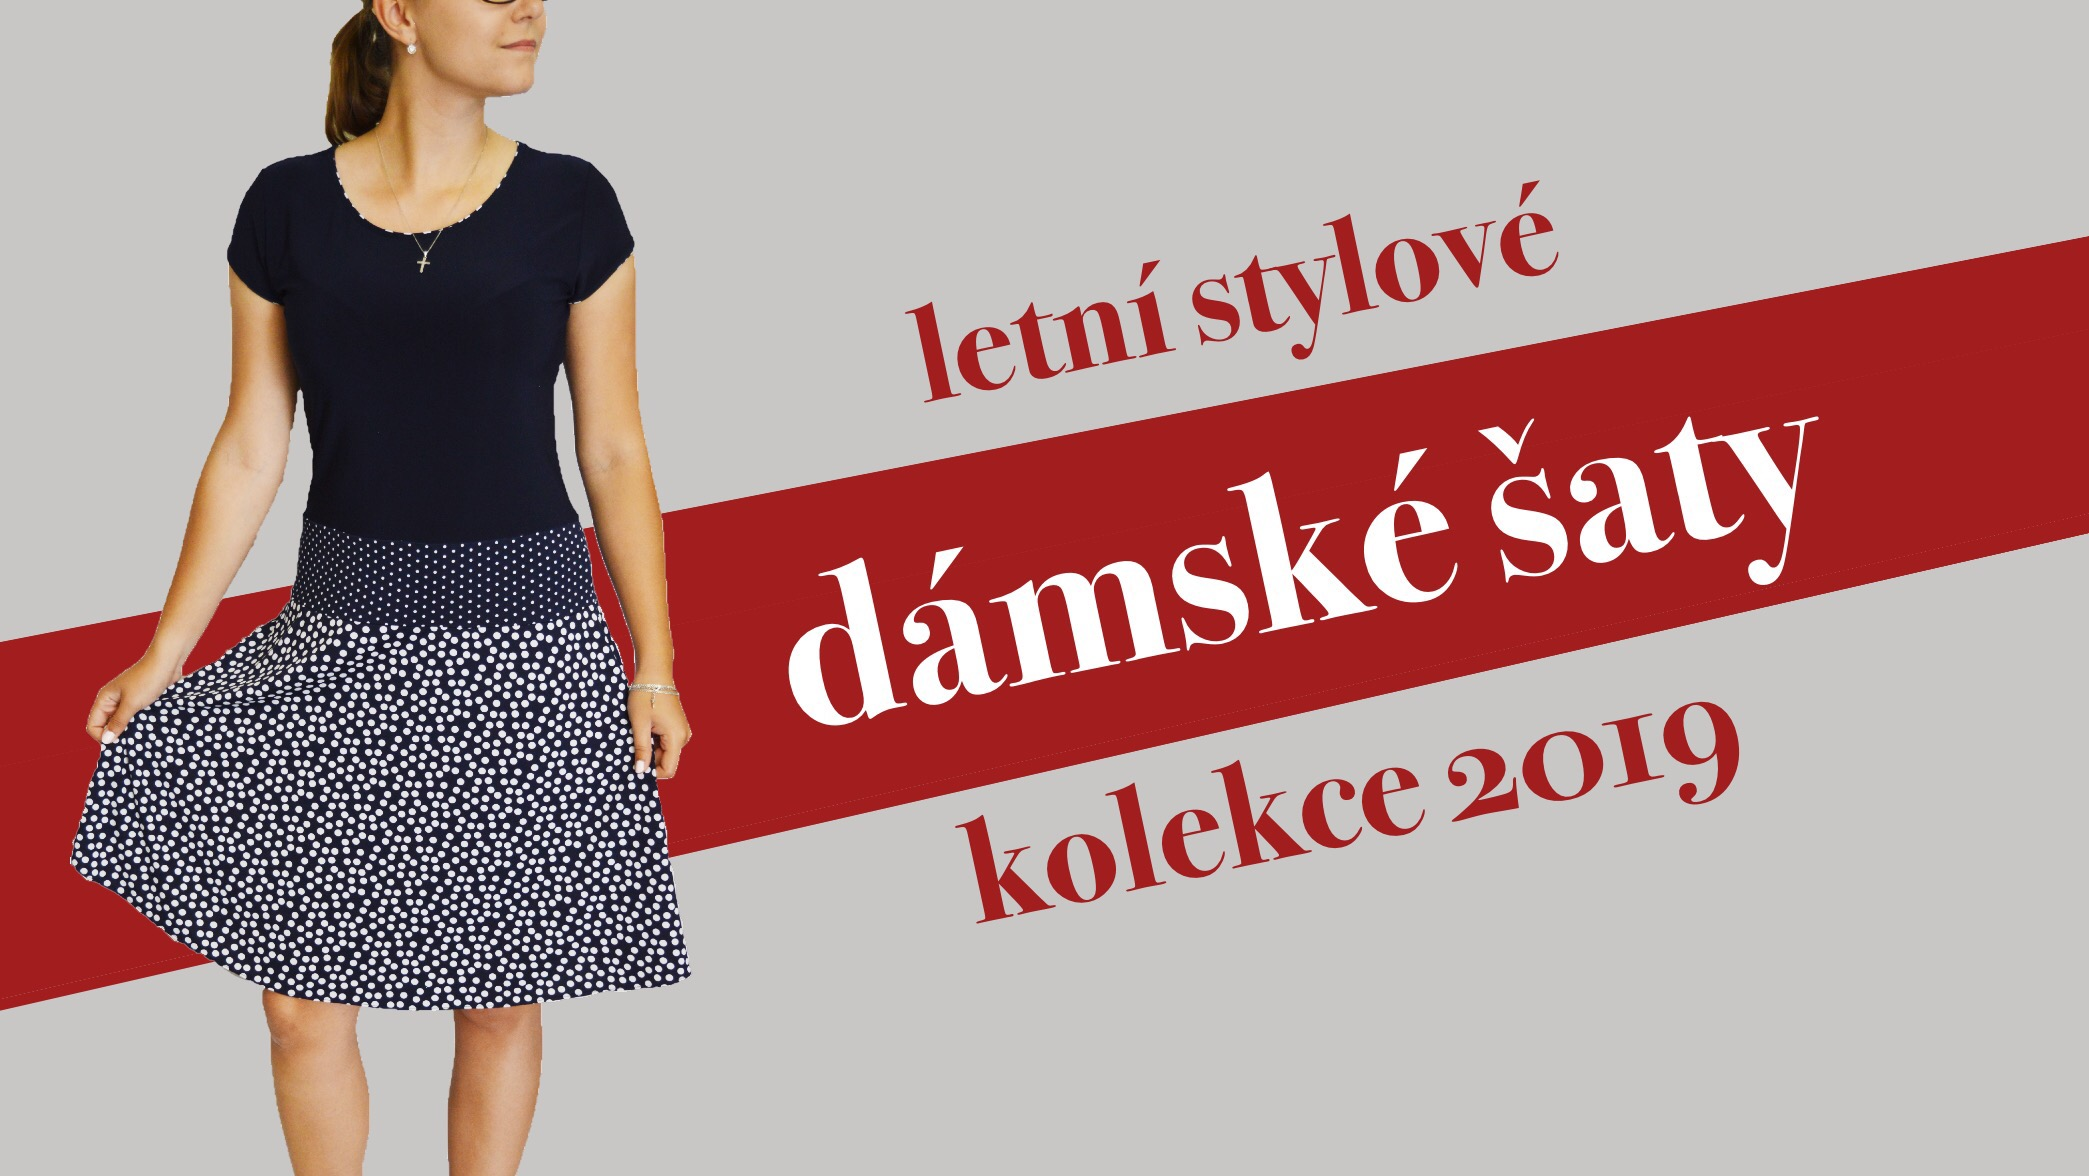 Letní stylové dámské šaty